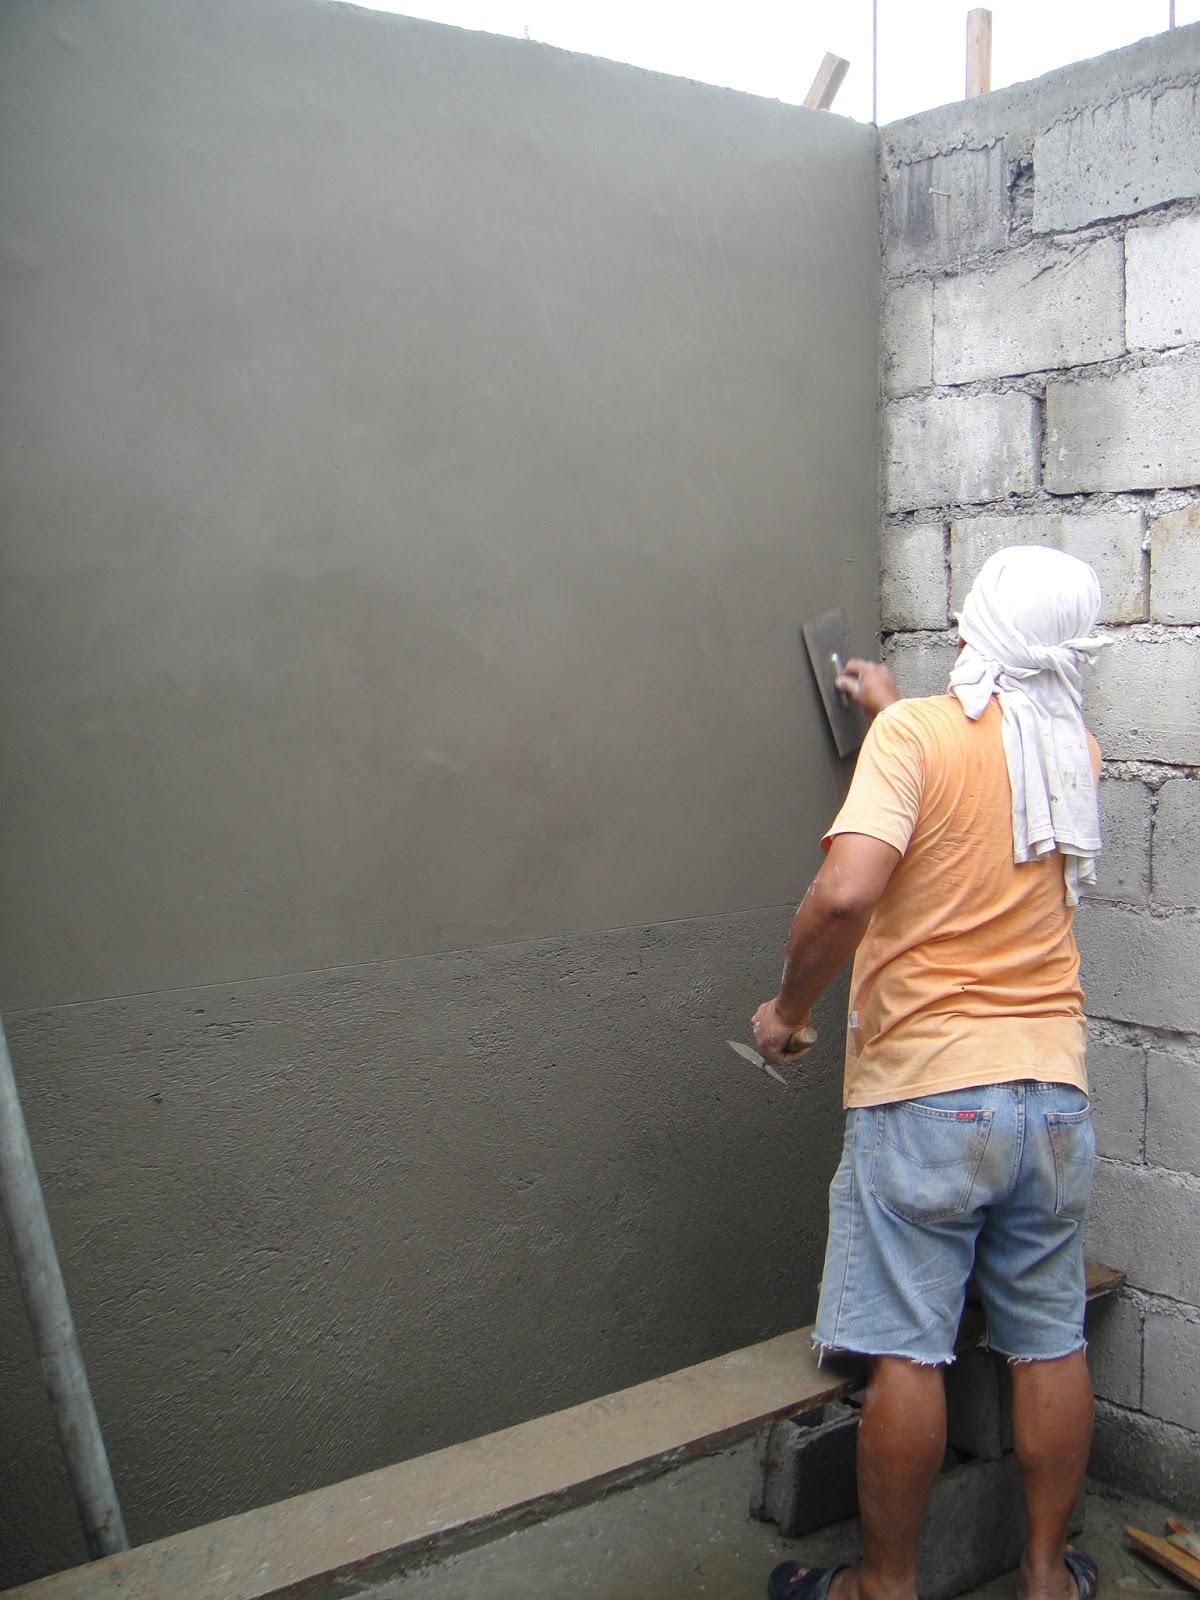 Philippines Design + Build Studio: Estudio Damgo - Week 9